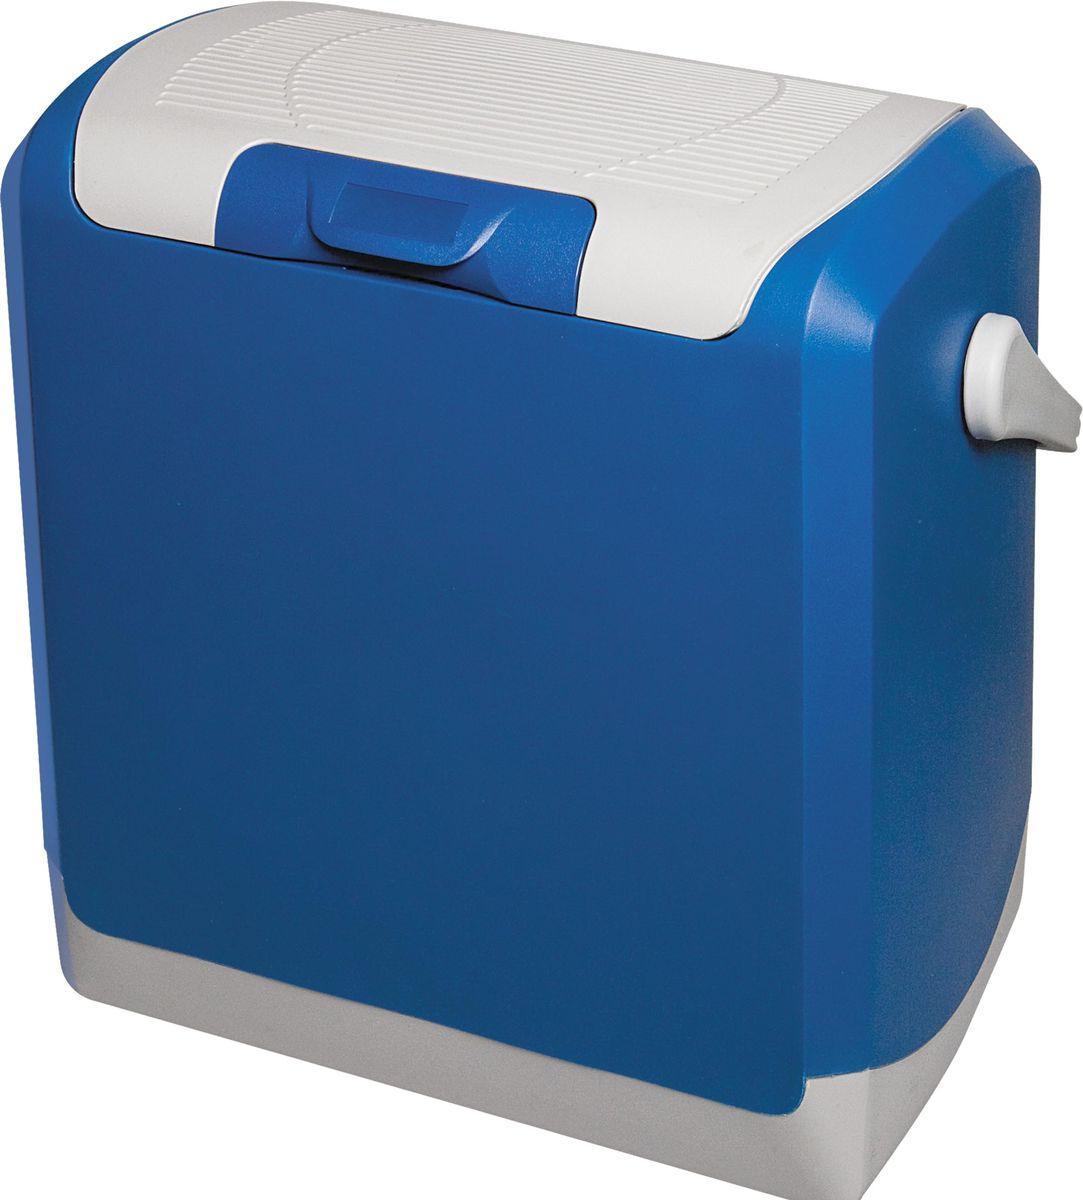 Холодильник-подогреватель термоэлектрический Zipower, 14л, 12В, 40Вт. PM 504719201Сумка-холодильник предназначена для сохранения продуктов и напитков прохладными в жаркую погоду. Максимальное охлаждение: 18–25 °C ниже температуры окружающей среды.Работа от бортовой сети автомобиля 12 вольт.Модель оснащена интеллектуальной системой энергосбережения. Система управления питанием выберет нужный режим охлаждения и переведет автохолодильник в режим пониженного энергопотребления. Внутренняя камера изготовлена из экологически чистого пластика, допускается к контакту с пищевыми продуктами и соответствует экологическим стандартам и нормативам. Конструкция крышки и форм-фактор внутренней части корпуса позволяют разместить в вертикальном положении внутри камеры бутылки объемом до 2 литров.Напряжение: 12 ВМаксимальный нагрев: до 65 °CМощность охлаждения/нагрева: 40 ВтОбъем: 14 лРазмеры: 383 х 254 х 425 ммВес: 3,5 кгВерхнее расположение вентилятораПодключается к бытовой сети через адаптер РМ0515 (поставляетсяотдельно)